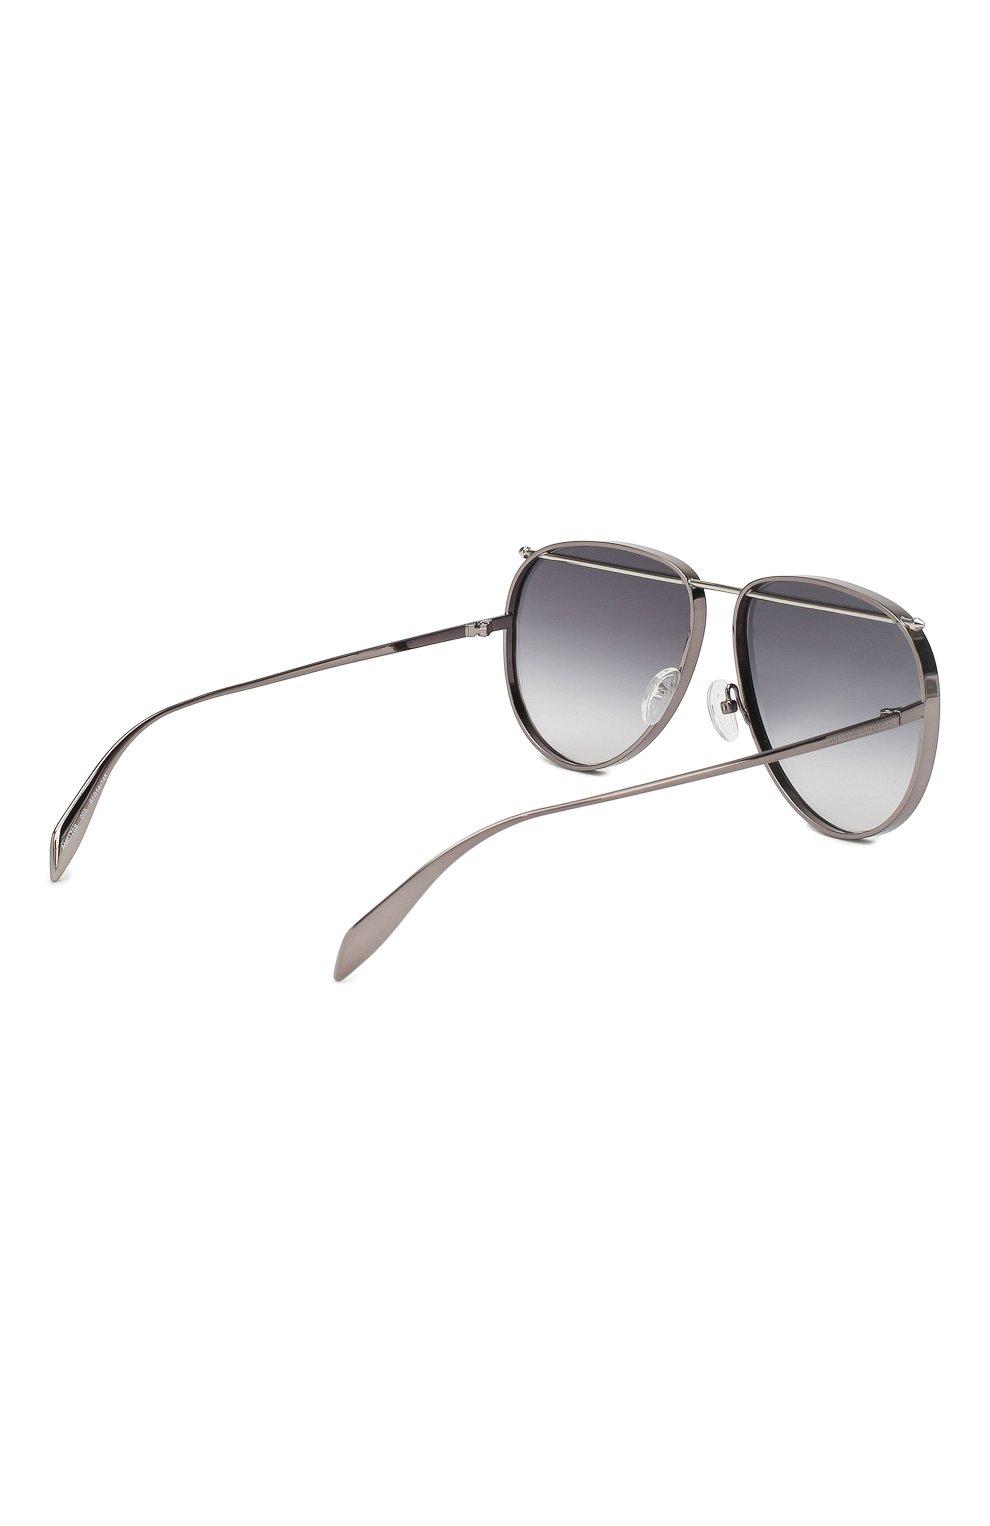 Женские солнцезащитные очки ALEXANDER MCQUEEN серого цвета, арт. AM0170 003 | Фото 3